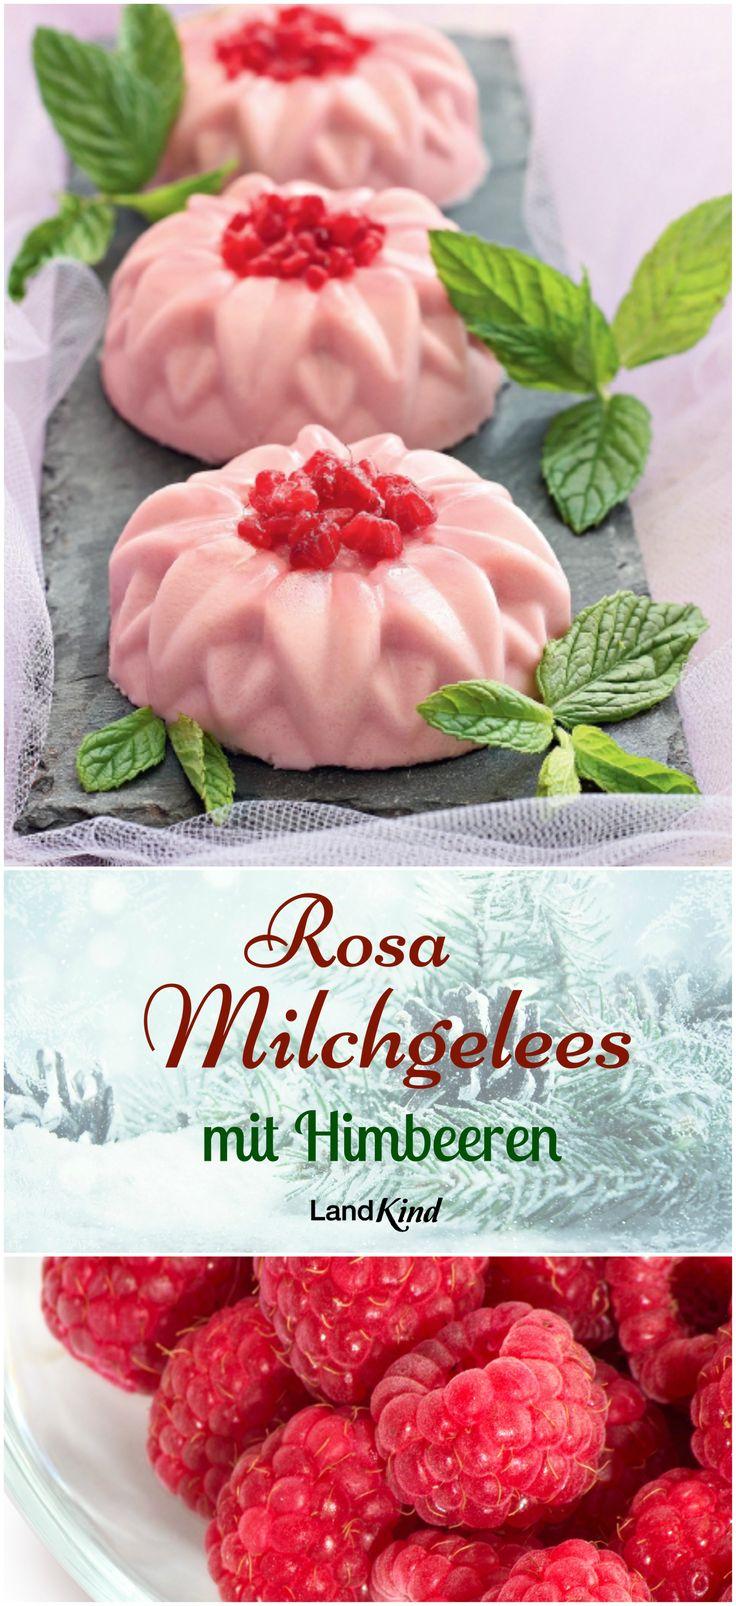 Die herzigen rosa Milchgelees werden mit 3/4 l Schlagsahne, 1/4 l Himbeersirup, 40-60 g Zucker, 1 Vanilleschote, 2 Pck. gemahlener Gelatine, 100 g TK-Himbeeren und etwas Zitronenmelisse zubereitet. Das ganze Rezept gibt's im Magazin!